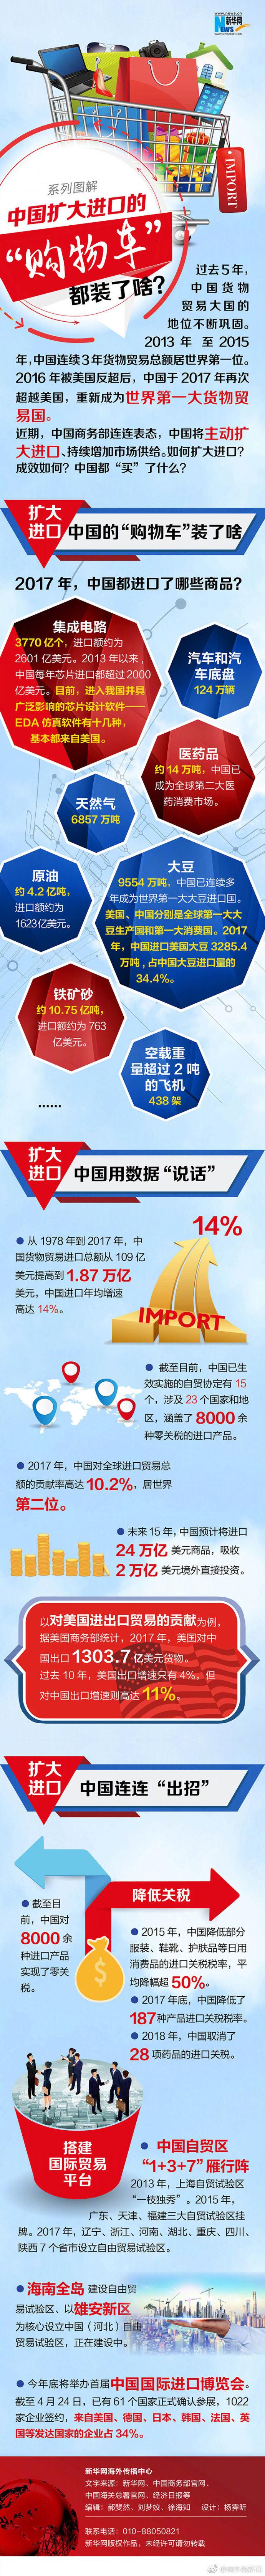 """商务部连续表态""""扩大进口"""" 中国都买了啥?"""